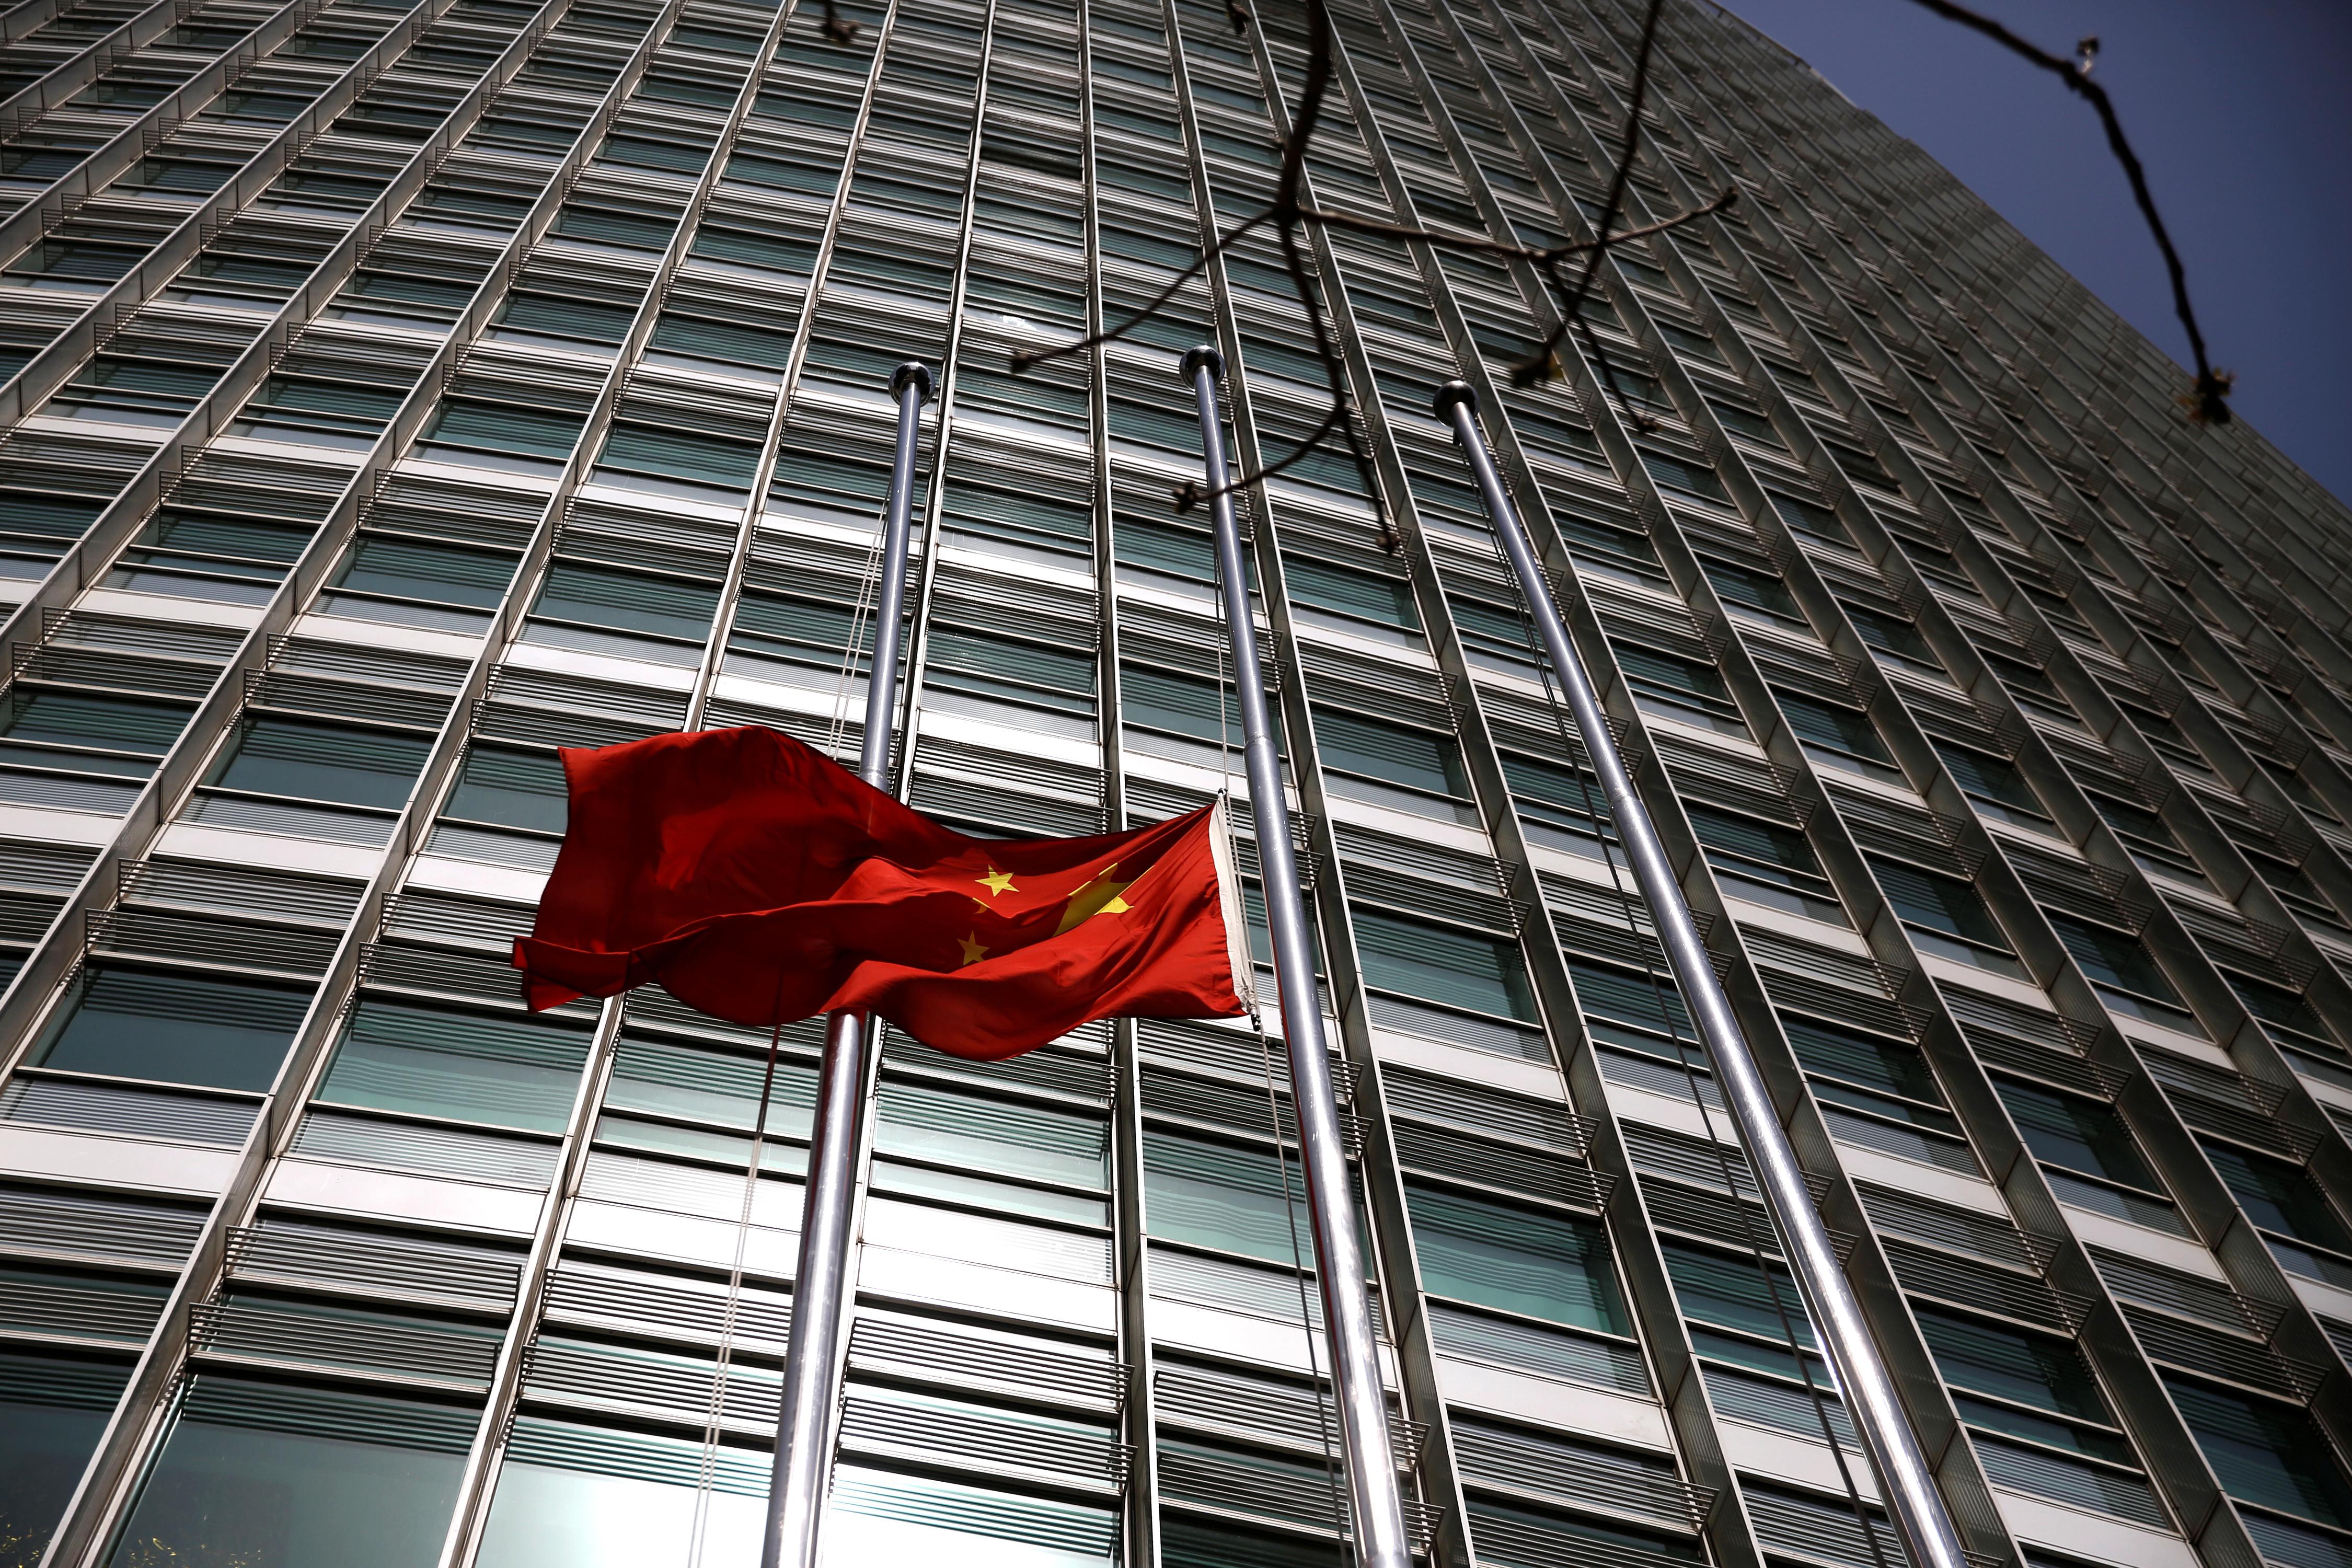 un-belizien-juge-en-chine-pour-des-accusations-d-ingerence-a-hong-kong